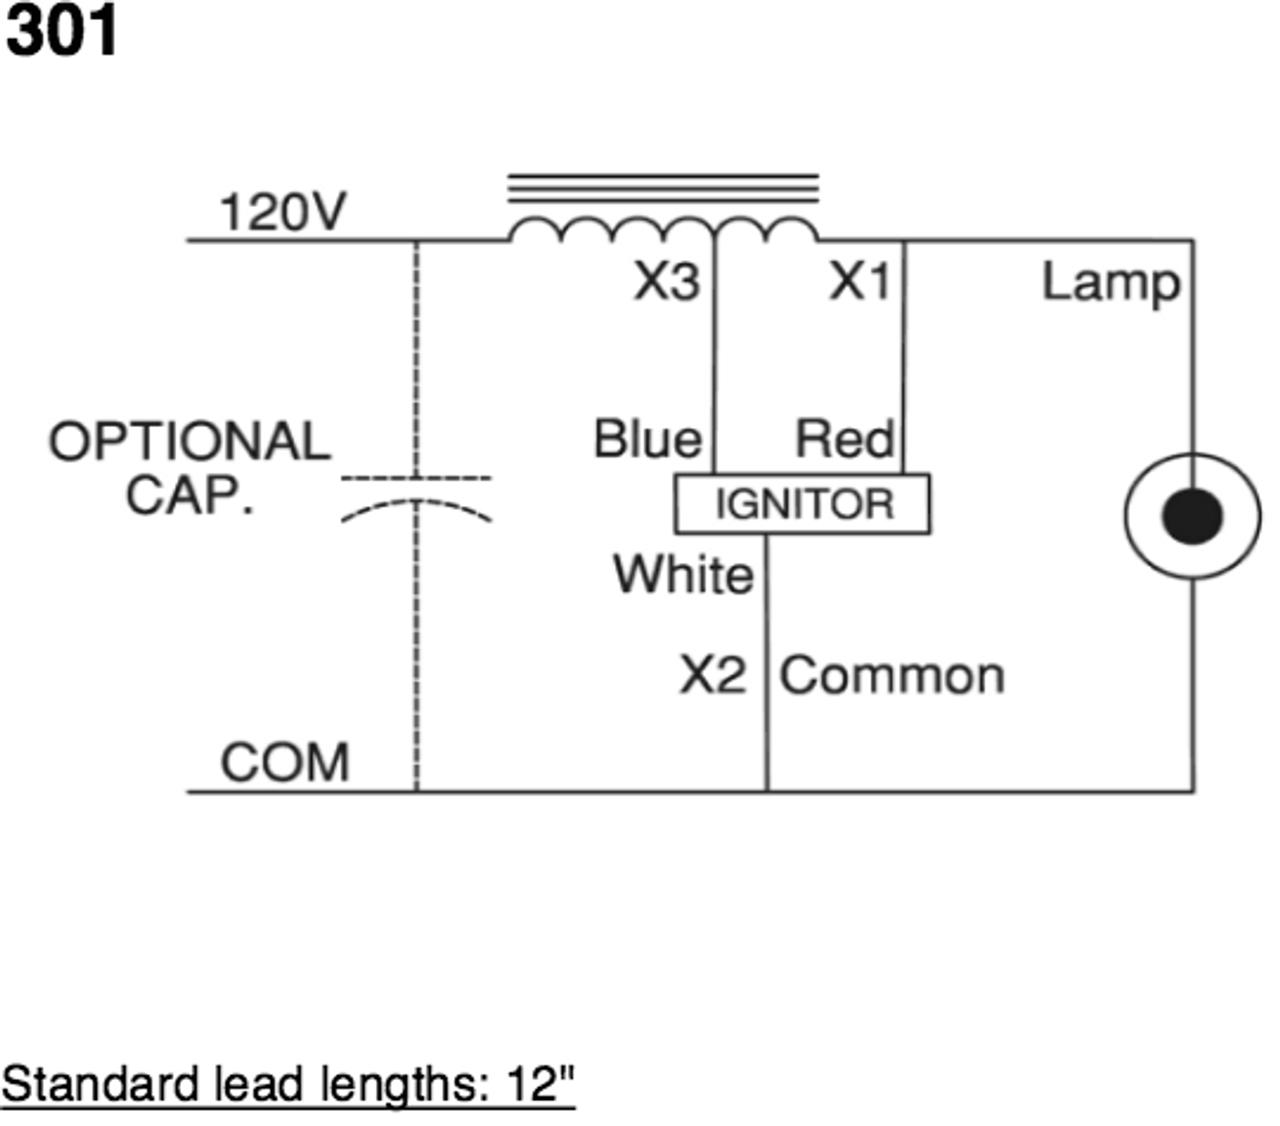 blu0050a04900 ballast blu0050a04900 kit blu0050a04900 wire diagram blu0050a04900 dimensions [ 1280 x 1126 Pixel ]